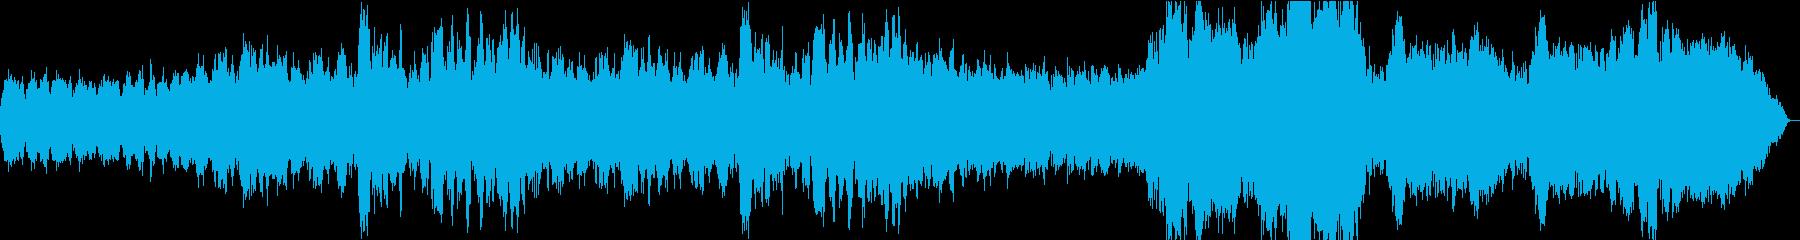 管弦楽によるオープニング系BGMの再生済みの波形